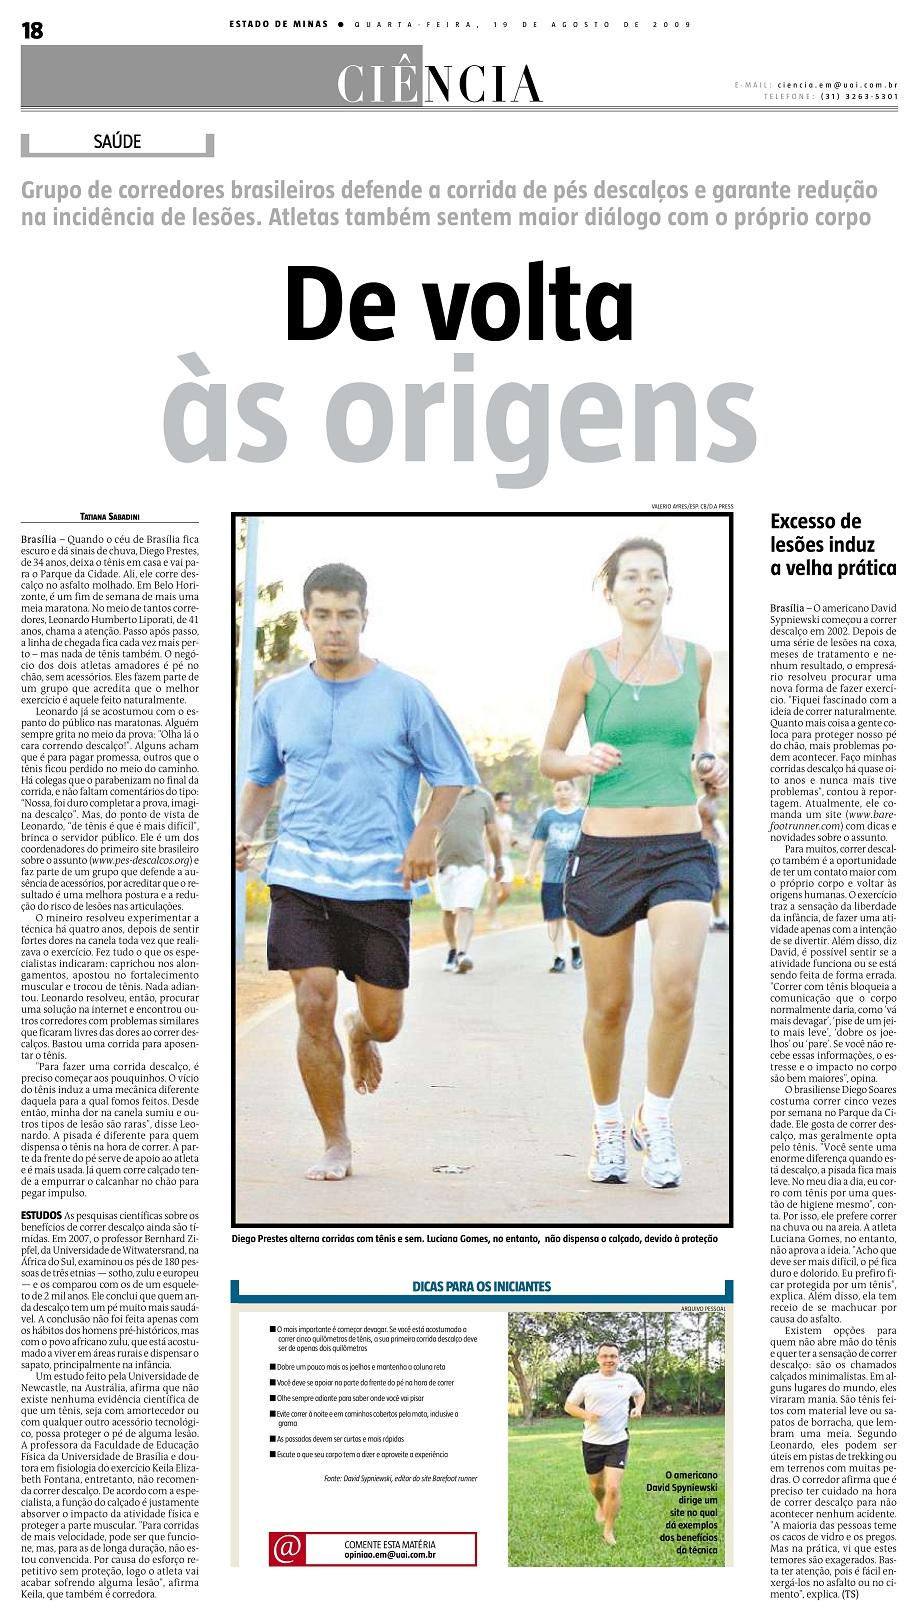 Leonardo Humberto Liporati é um dos entrevistados e o site pes-descalcos.org é citado